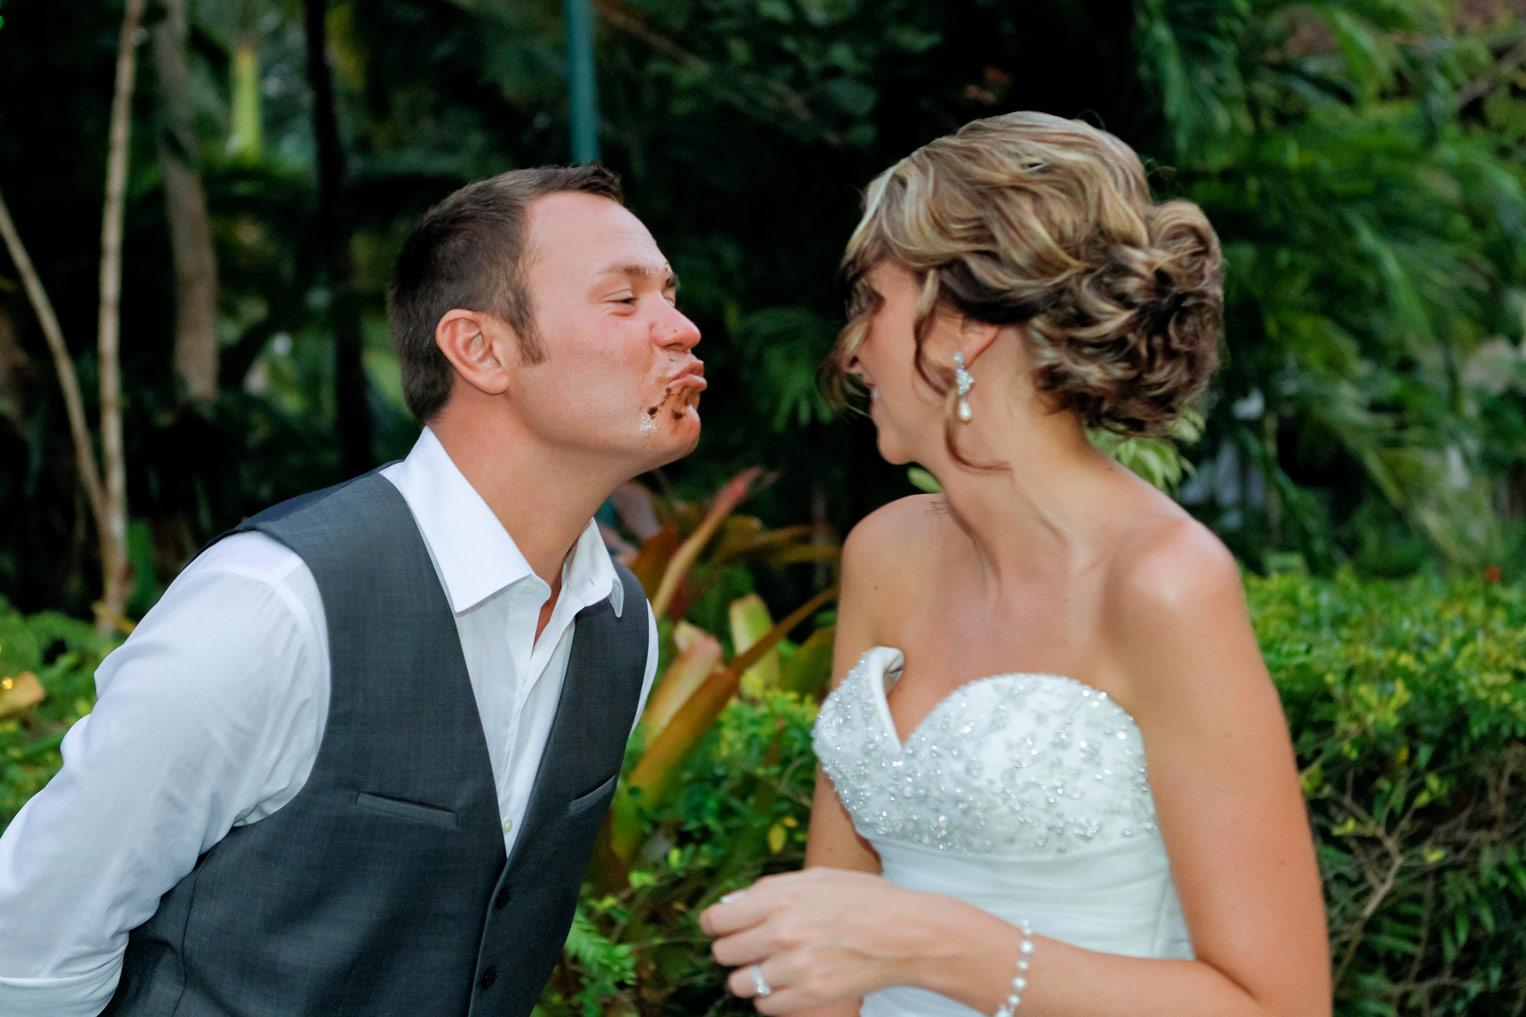 jamaica-milwaukee-destination-wedding-ruthie-hauge-photography-52.jpg